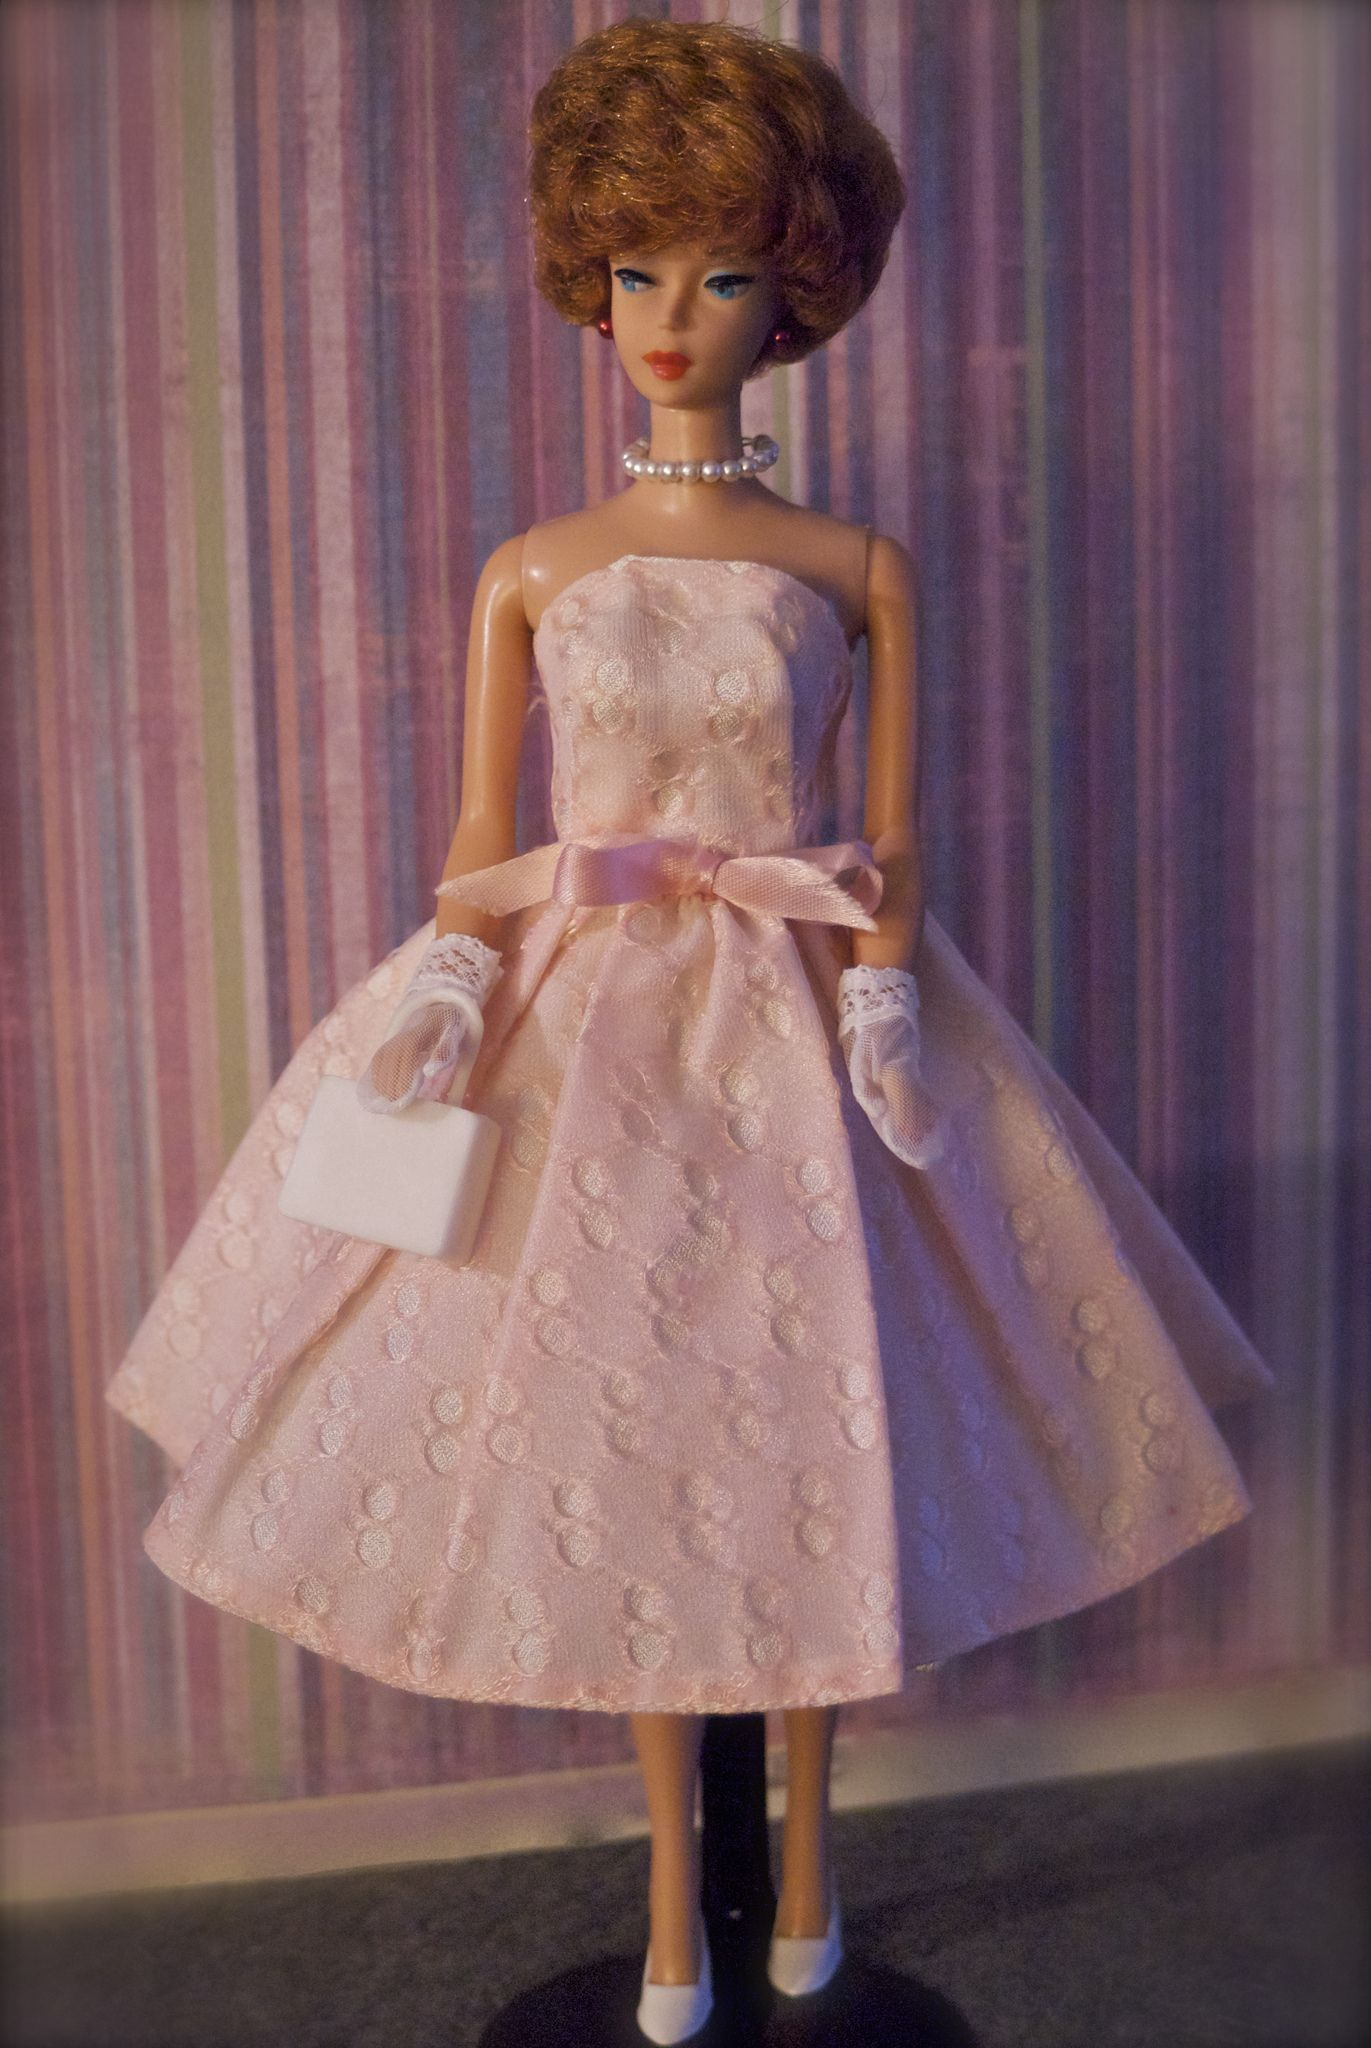 https://flic.kr/p/f1tVwe   Vintage Bubblecut Barbie - Titian   Barbie is wearing a vintage clone dress.